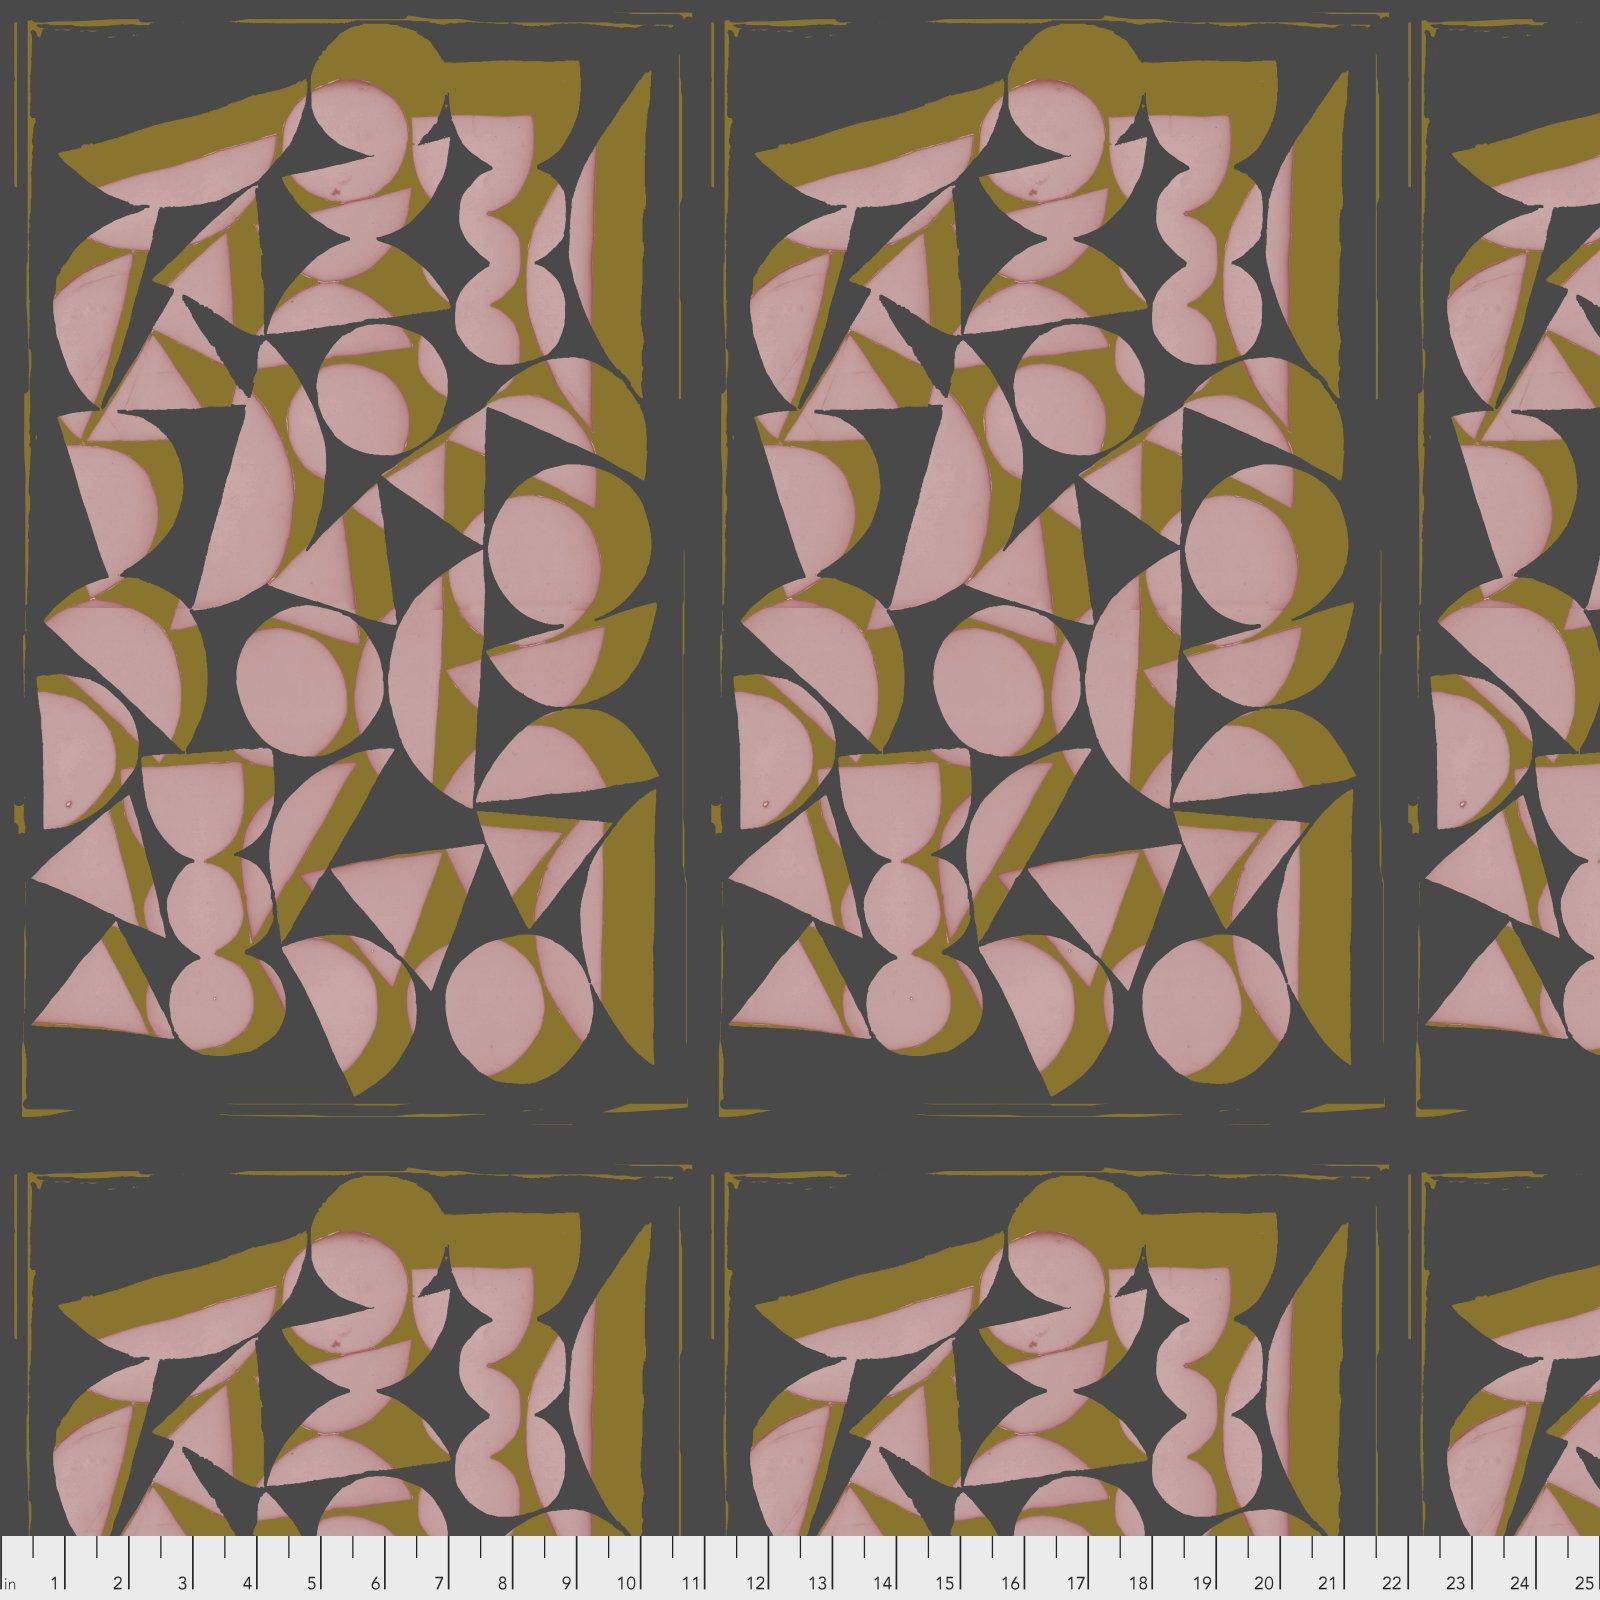 Vestige by Bookhou - Shapes - Rose